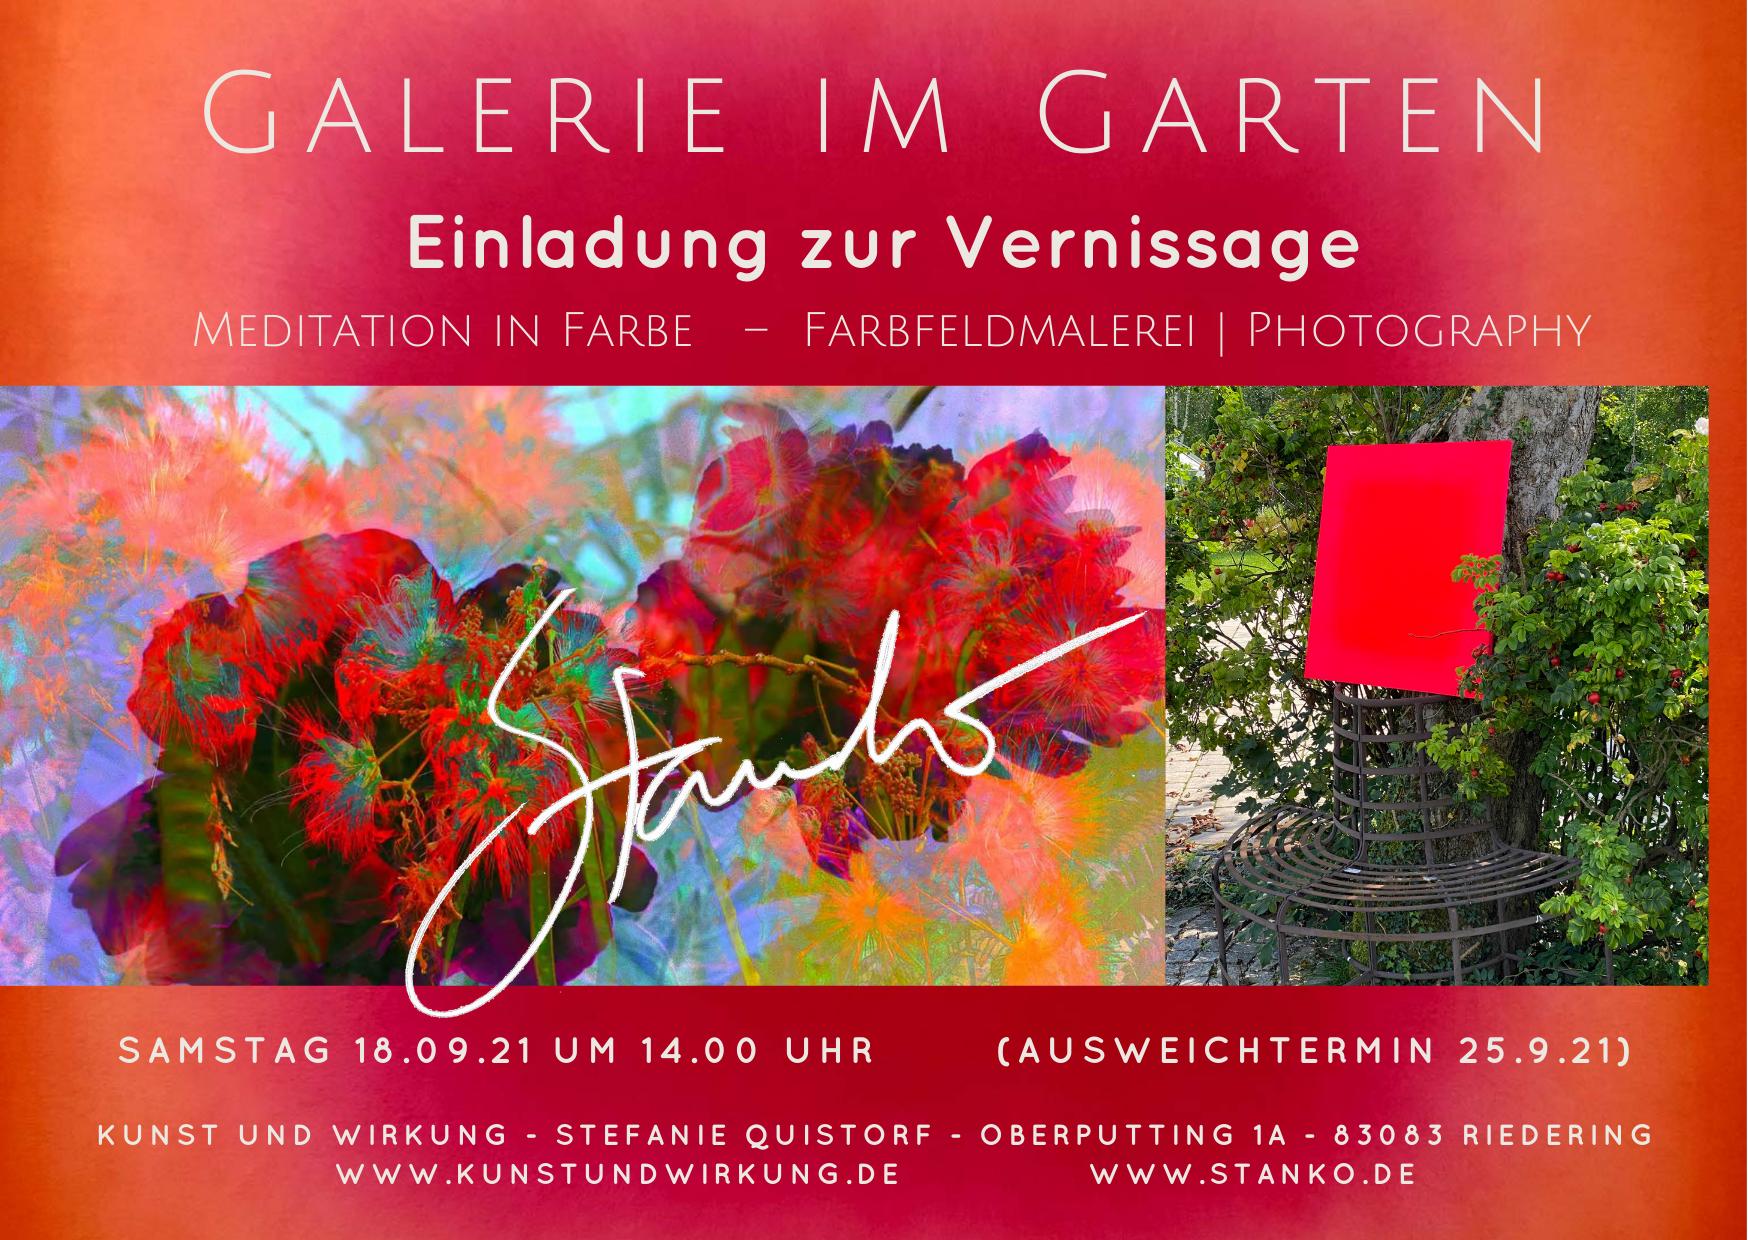 STANKO - GALERIE IM GARTEN